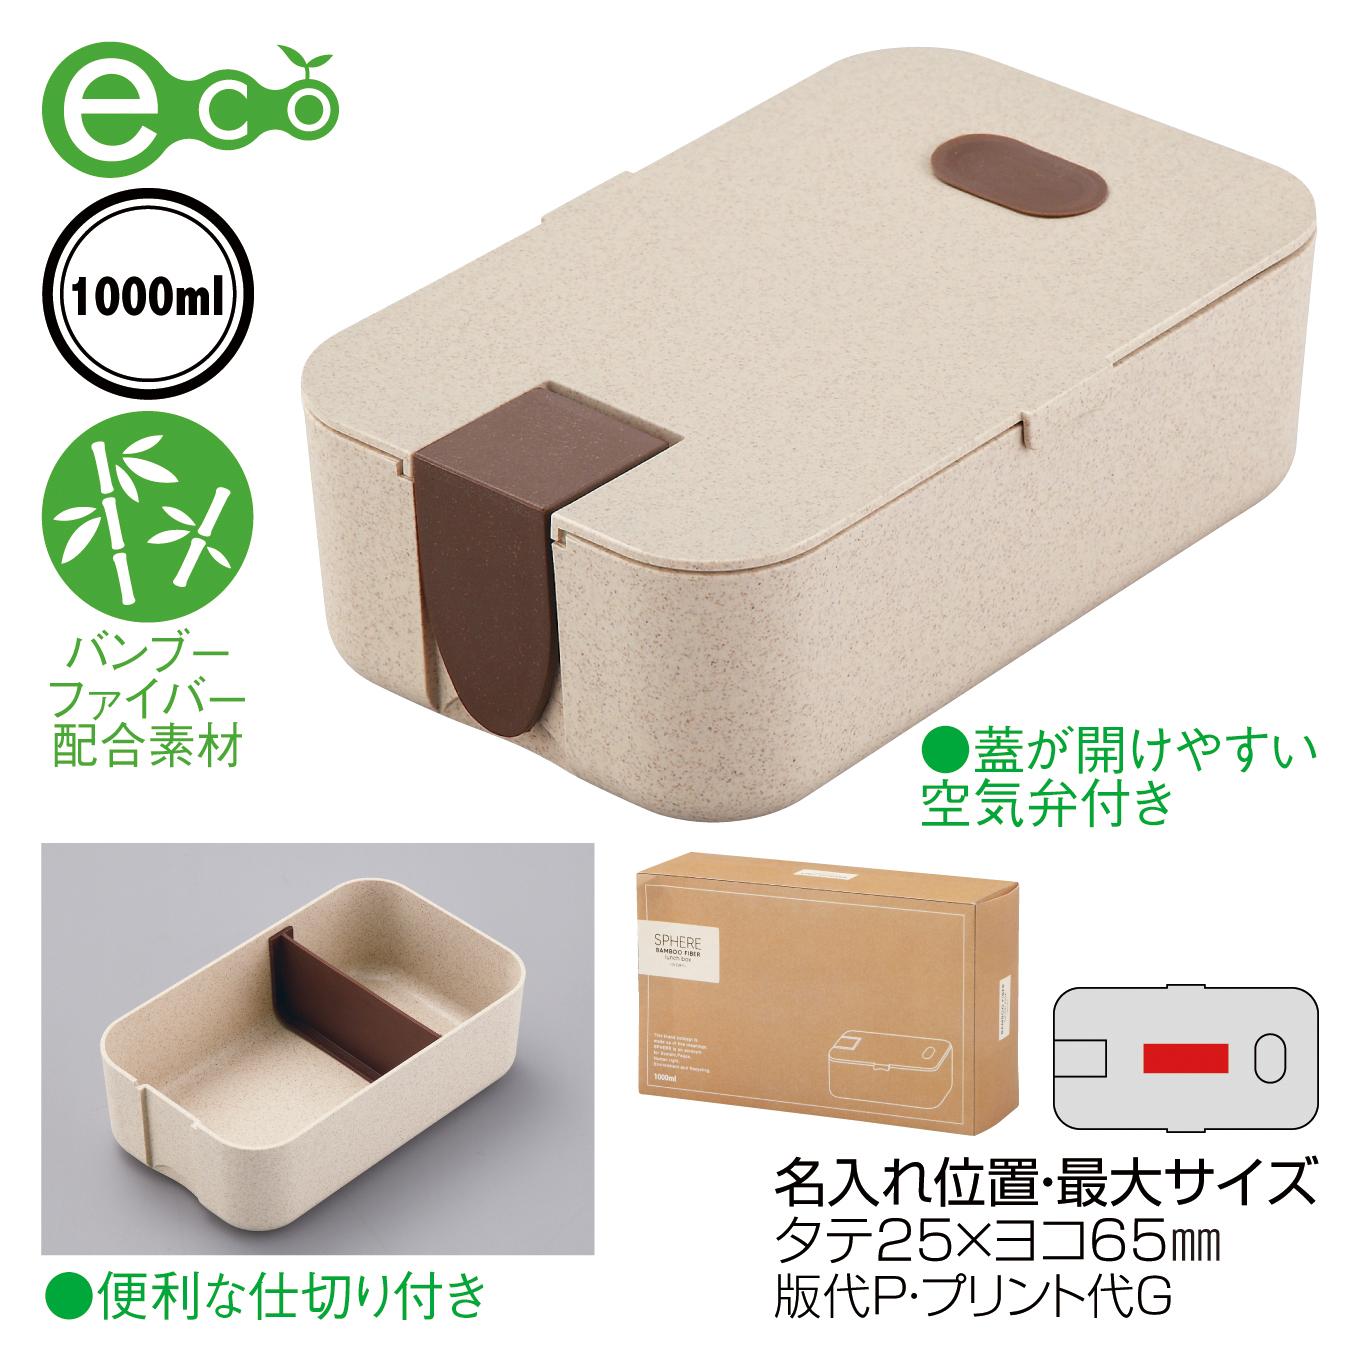 スフィア・バンブーファイバーランチボックス(空気弁付き)(アイボリー)